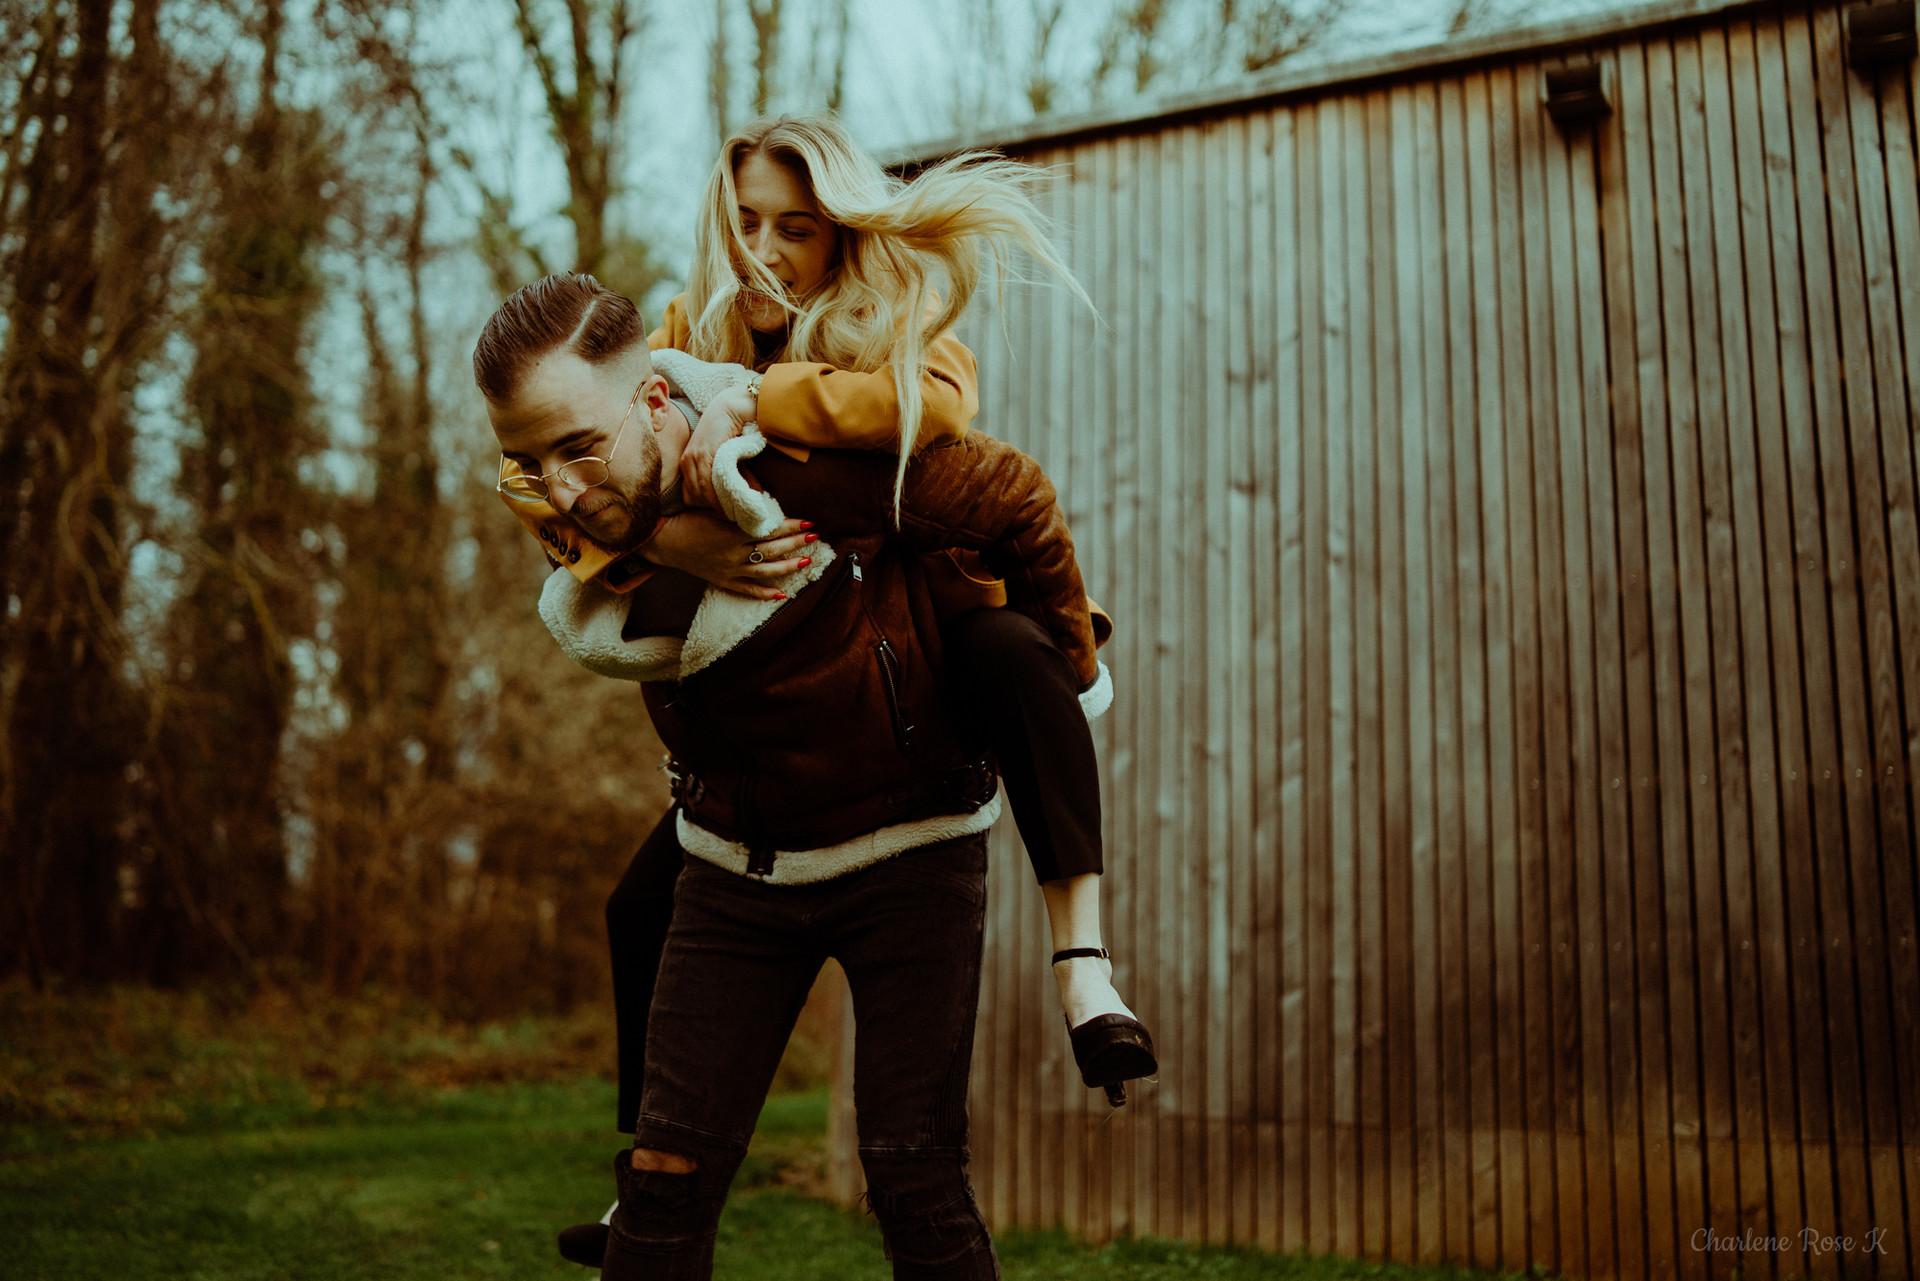 photographe-troyes-seance-photo-couple-mariage-aube-lyon-crk-37